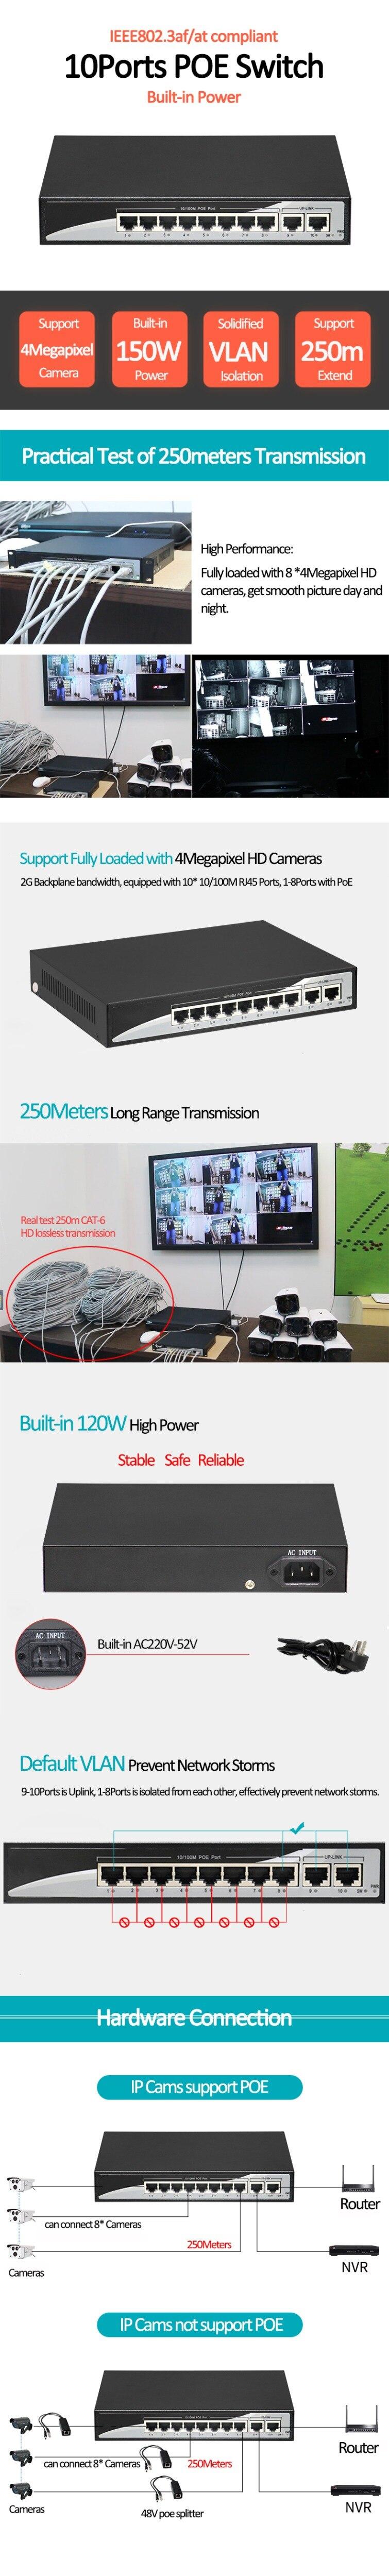 100mbps poe, porta ethernet 2 portas uplink